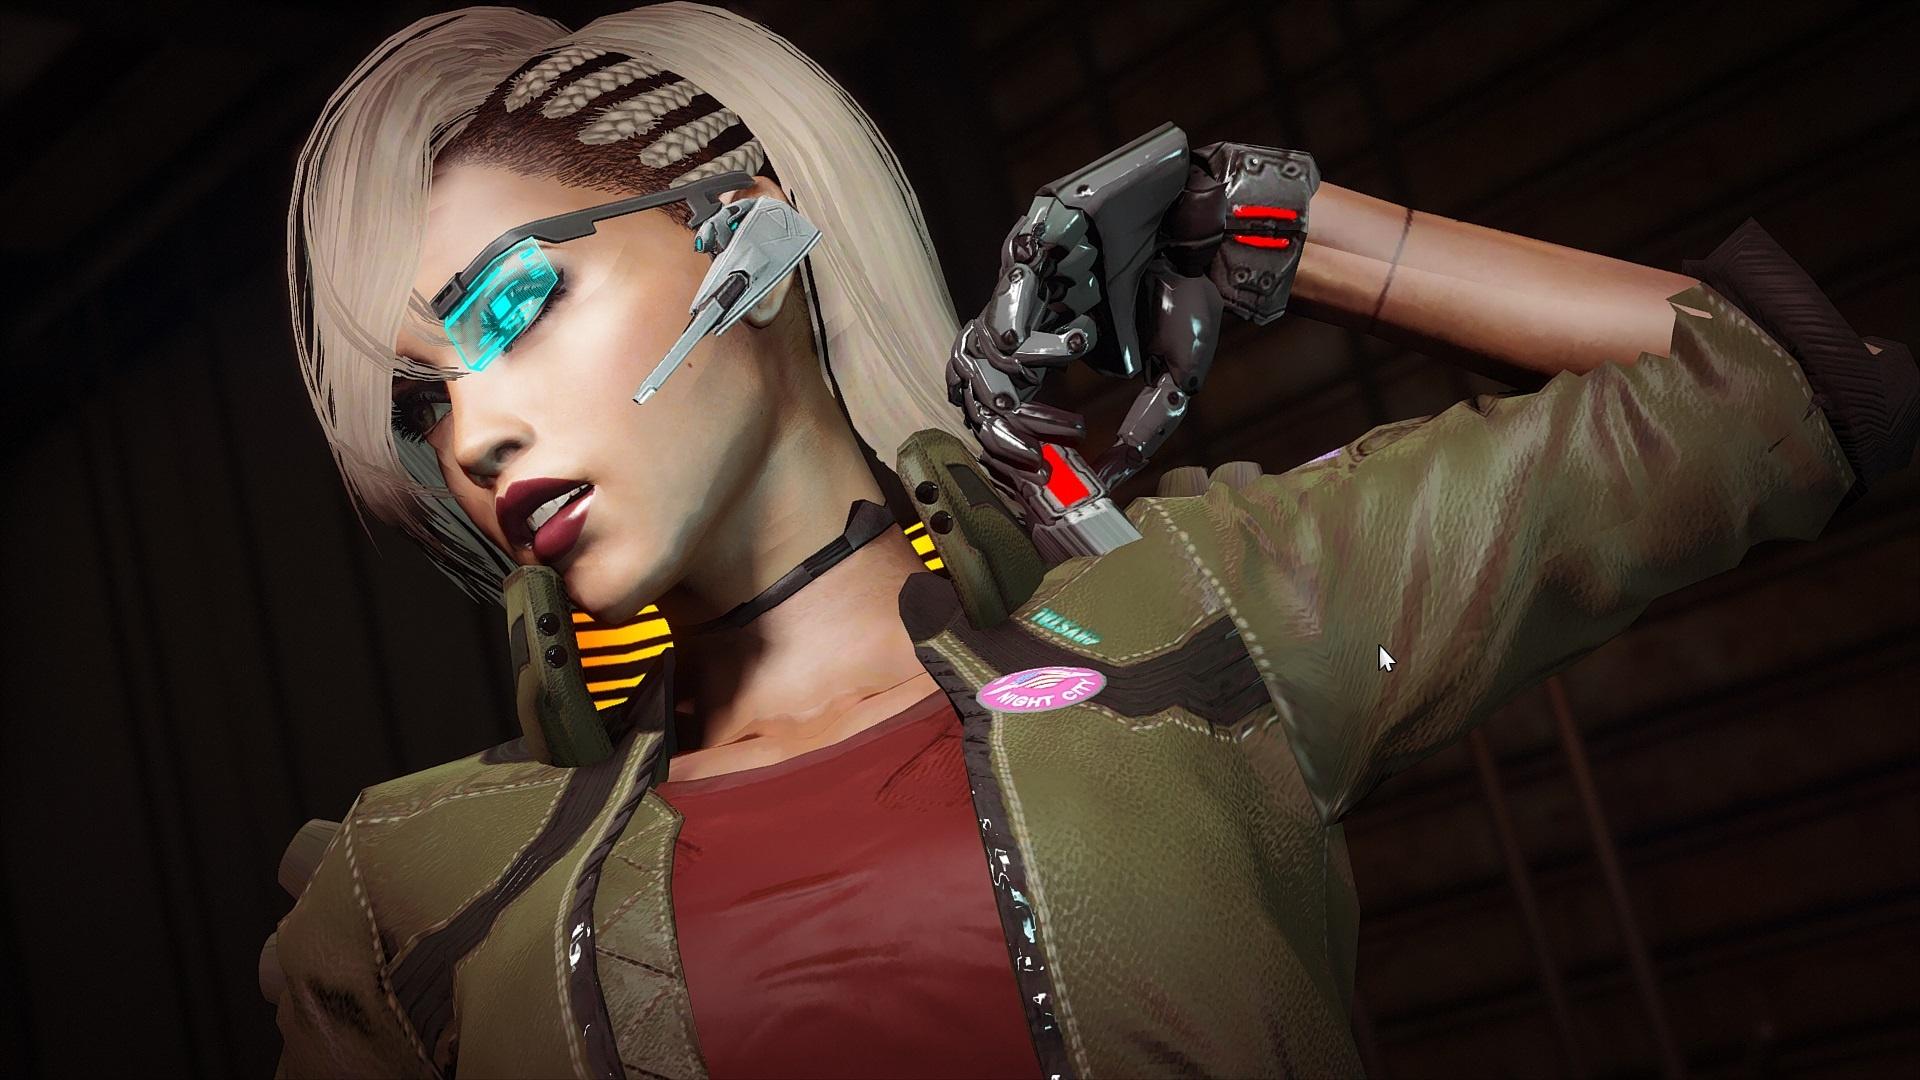 Появилась новая информация о сексе в Cyberpunk 2077